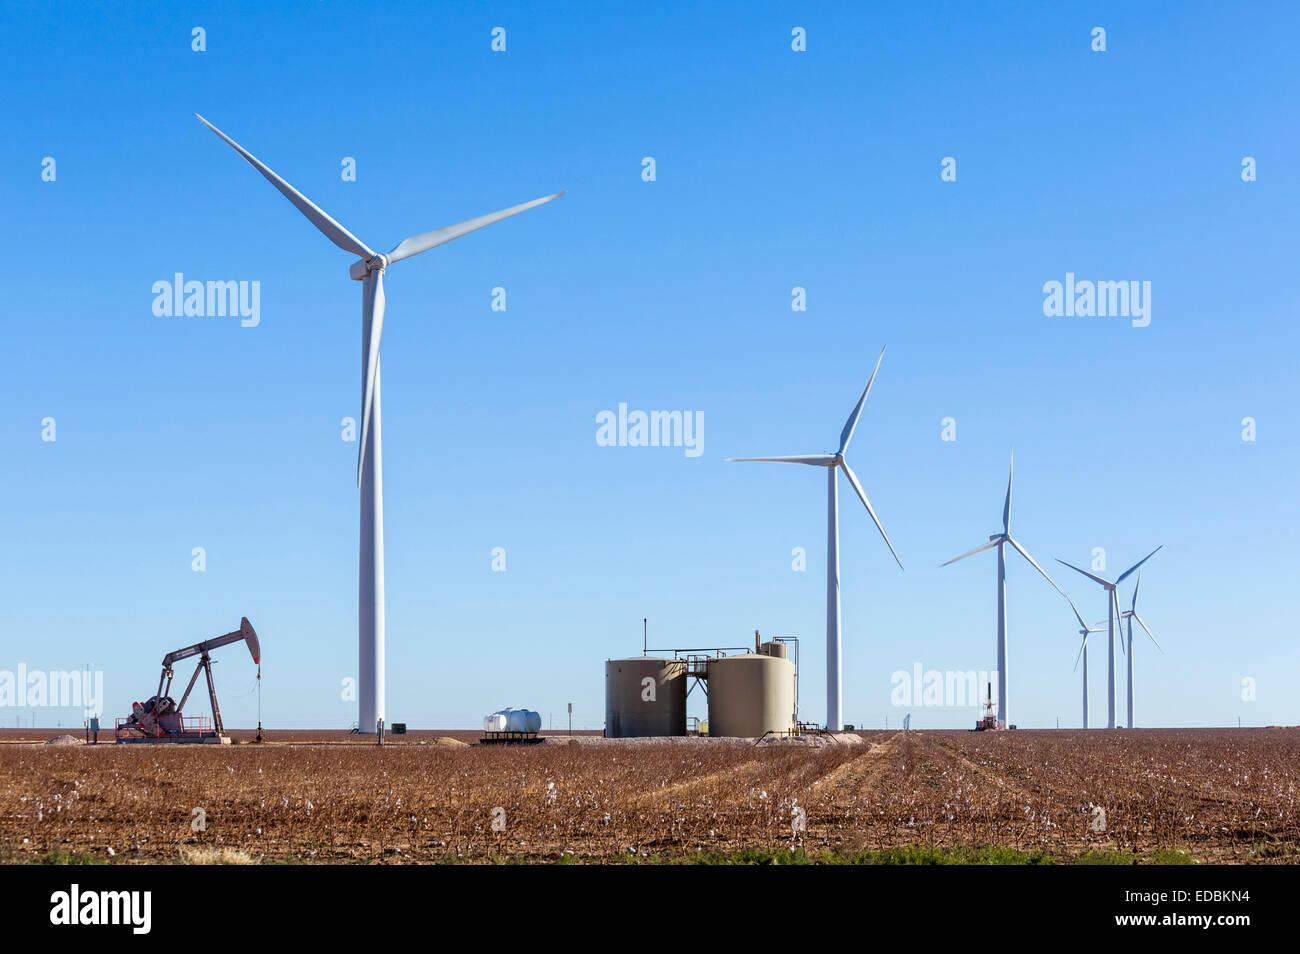 Pozo de petróleo junto a las turbinas eólicas fuera de Midland, Texas, EE.UU. Imagen De Stock